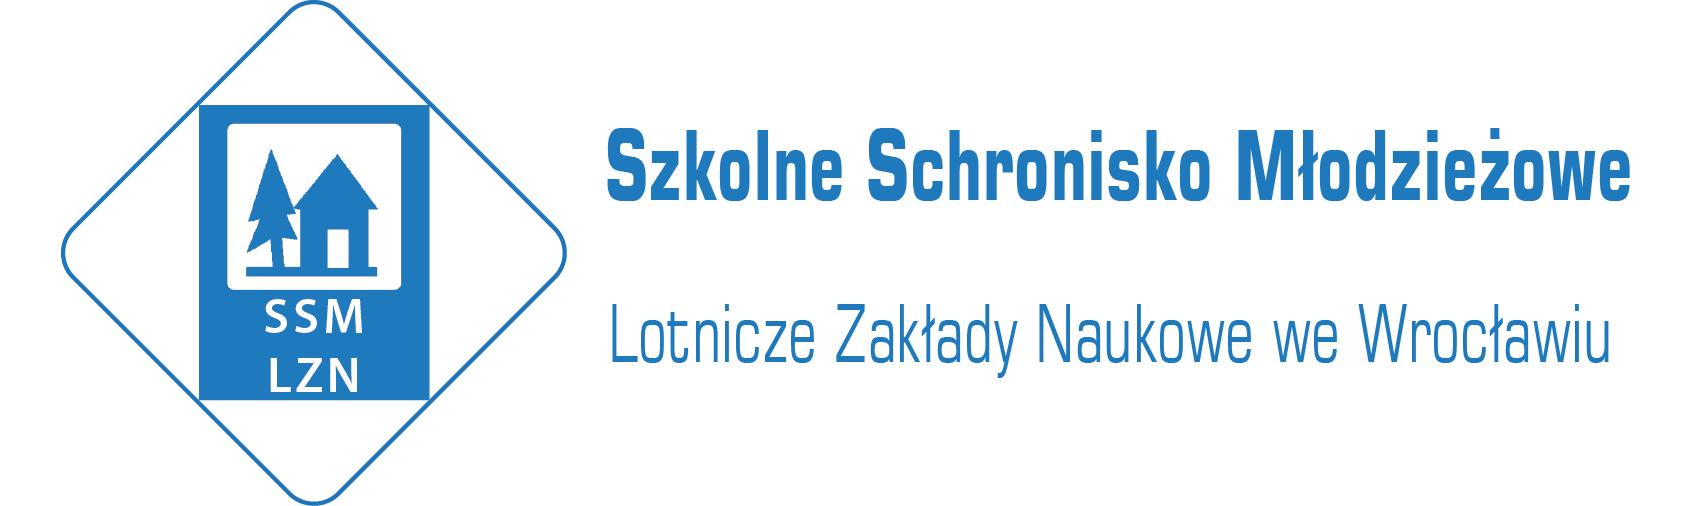 Szkolne Schronisko Młodzieżowe LZN